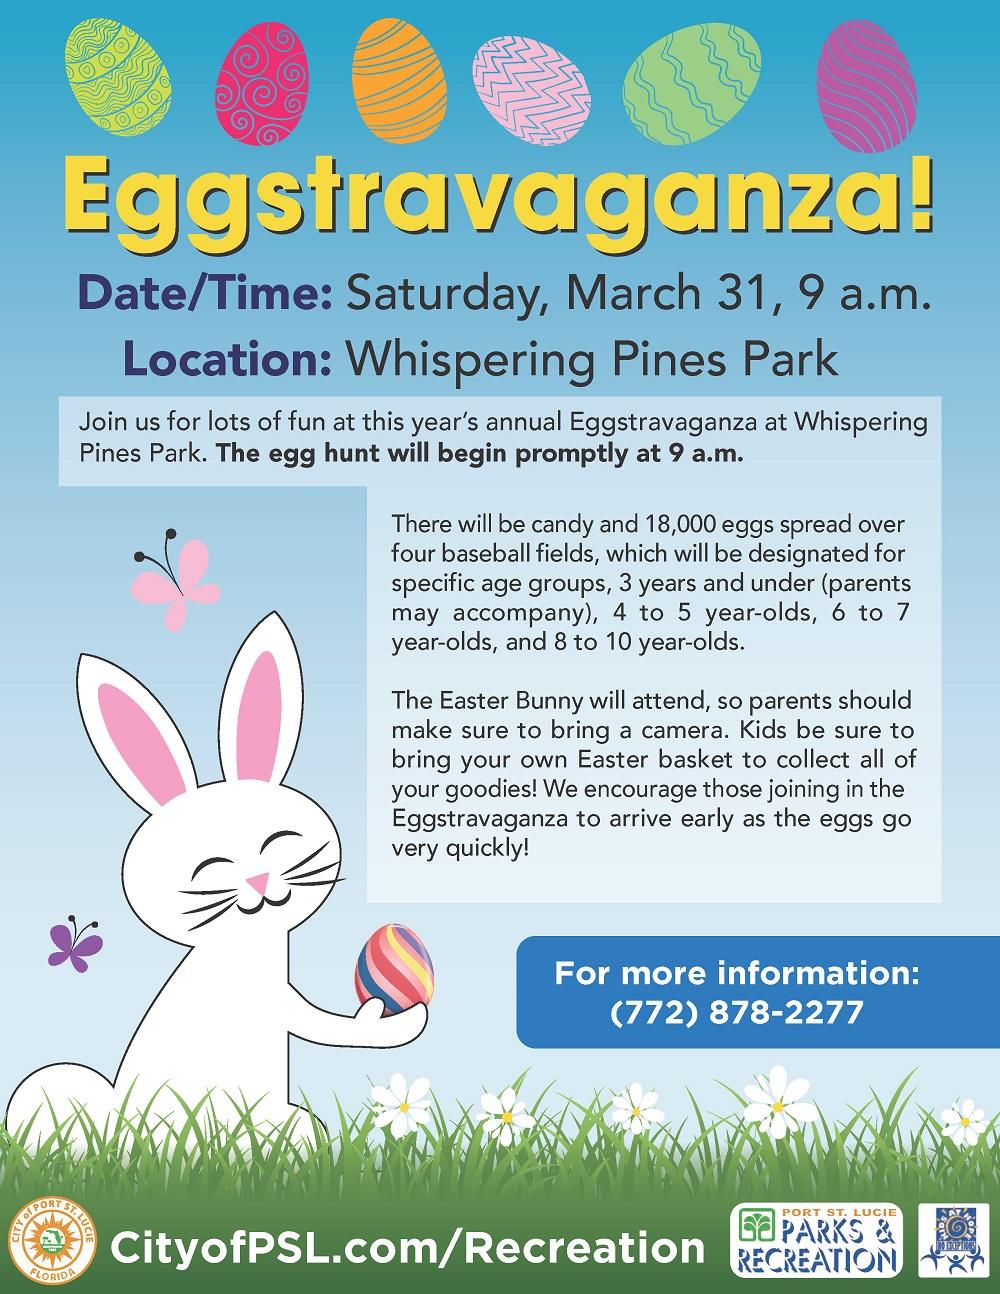 Eggstravaganza | Calendar Meeting List | Port St. Lucie